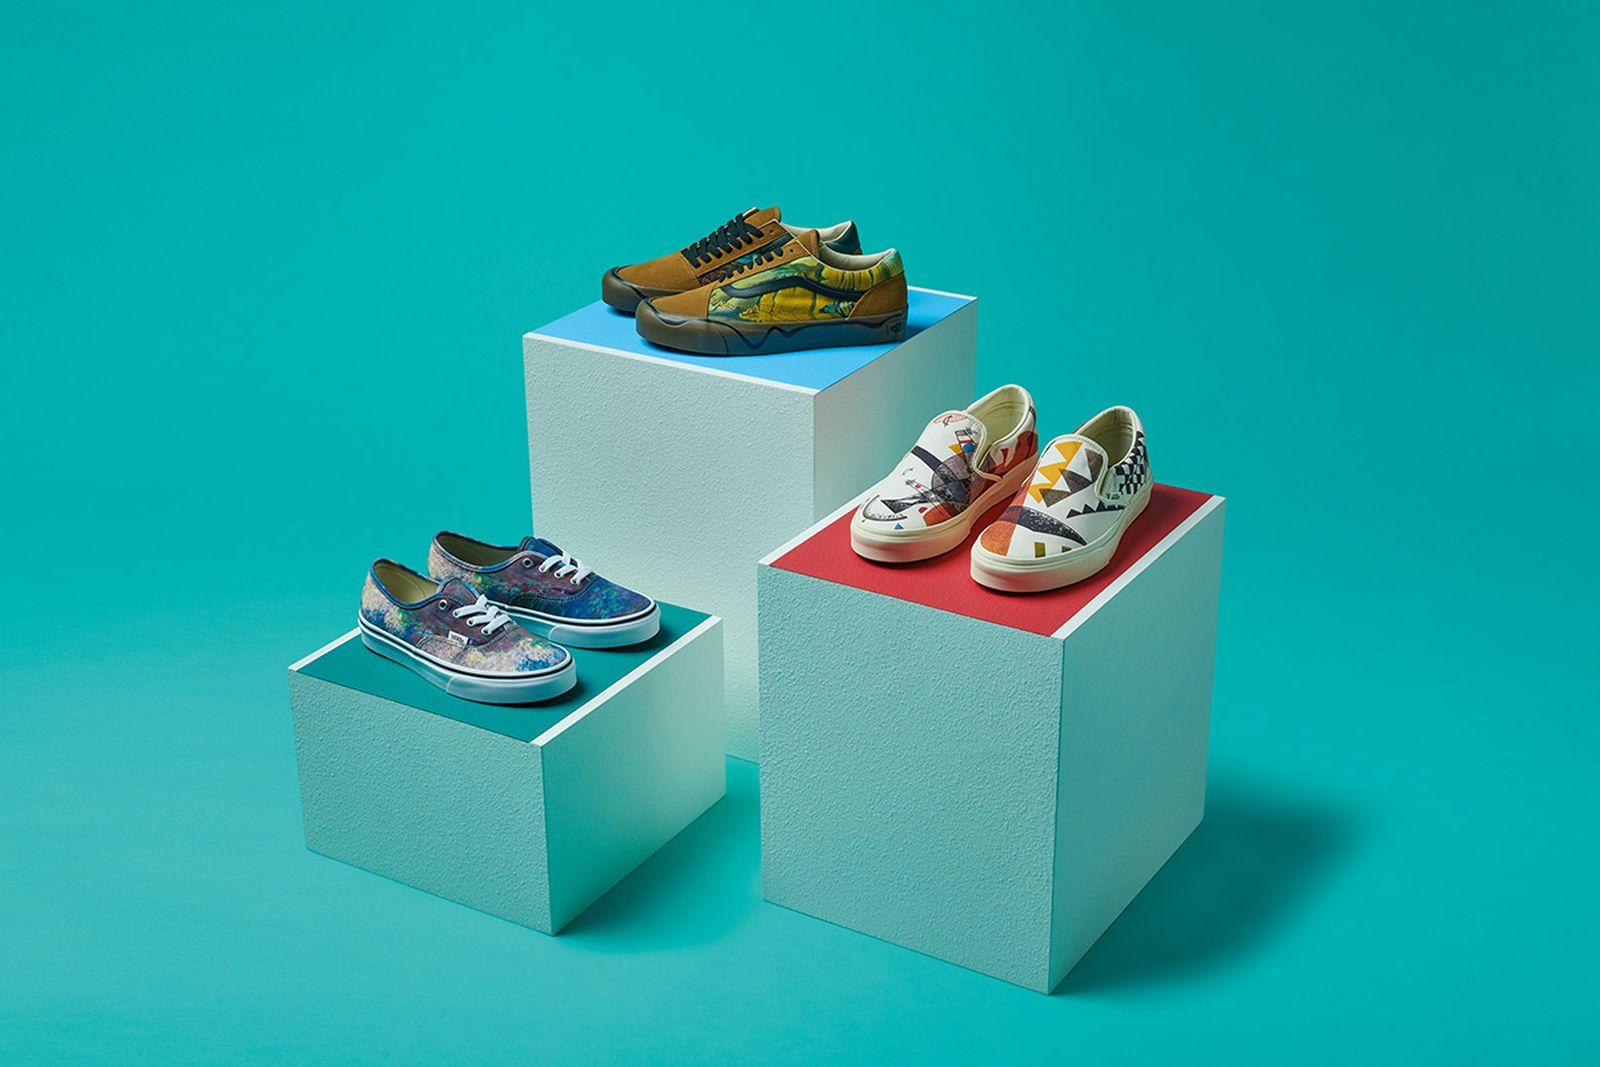 Vans MoMA sneakers